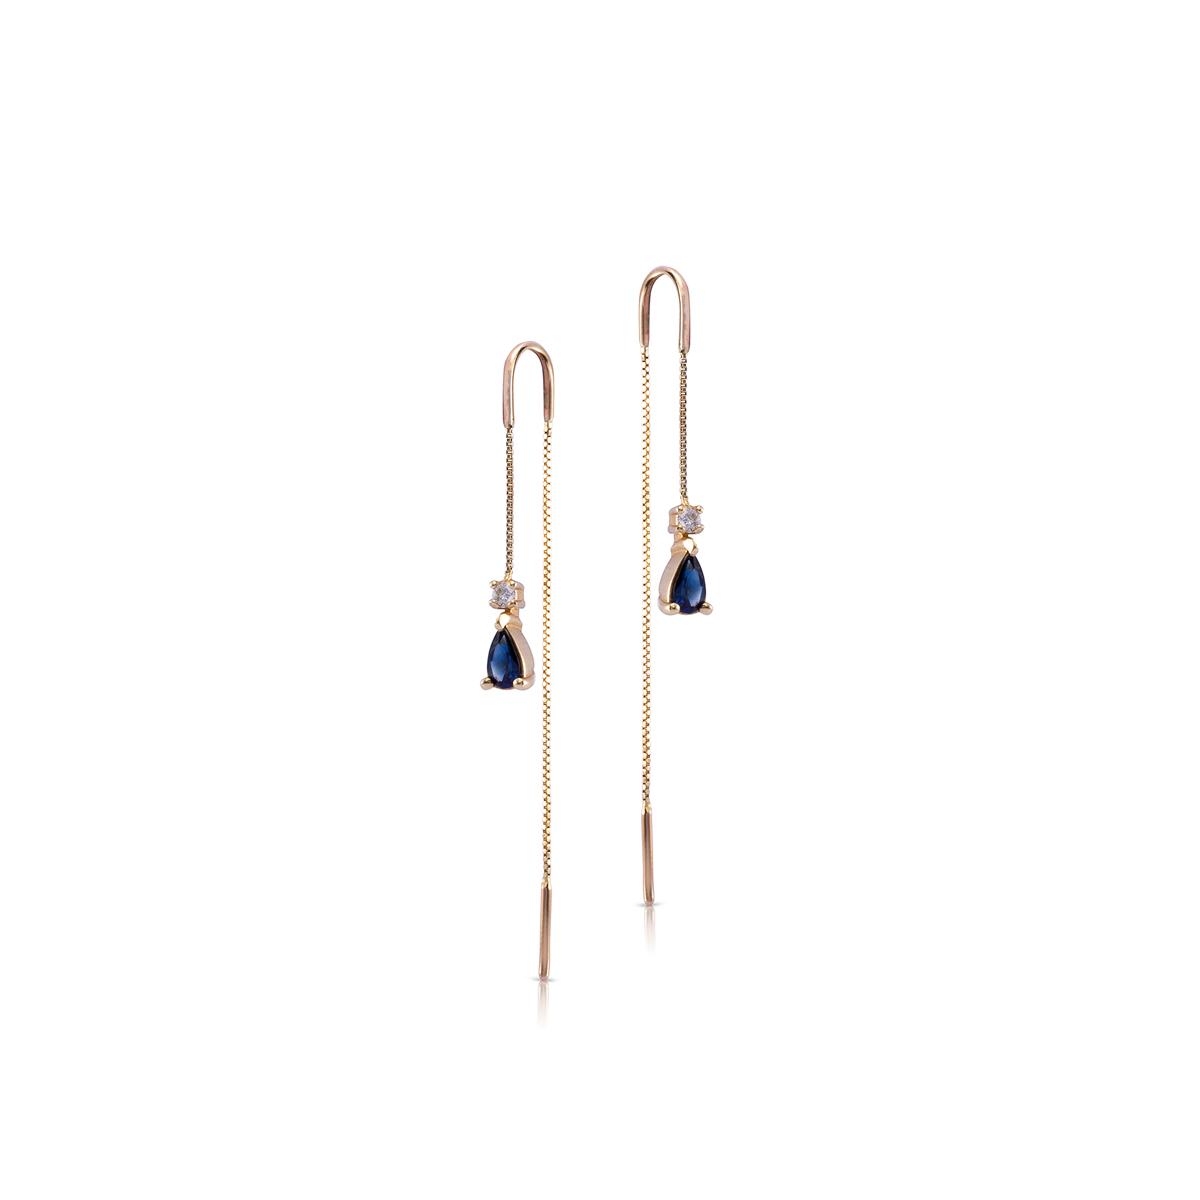 עגילי זהב מתנדנדים עם ספירים ויהלומים